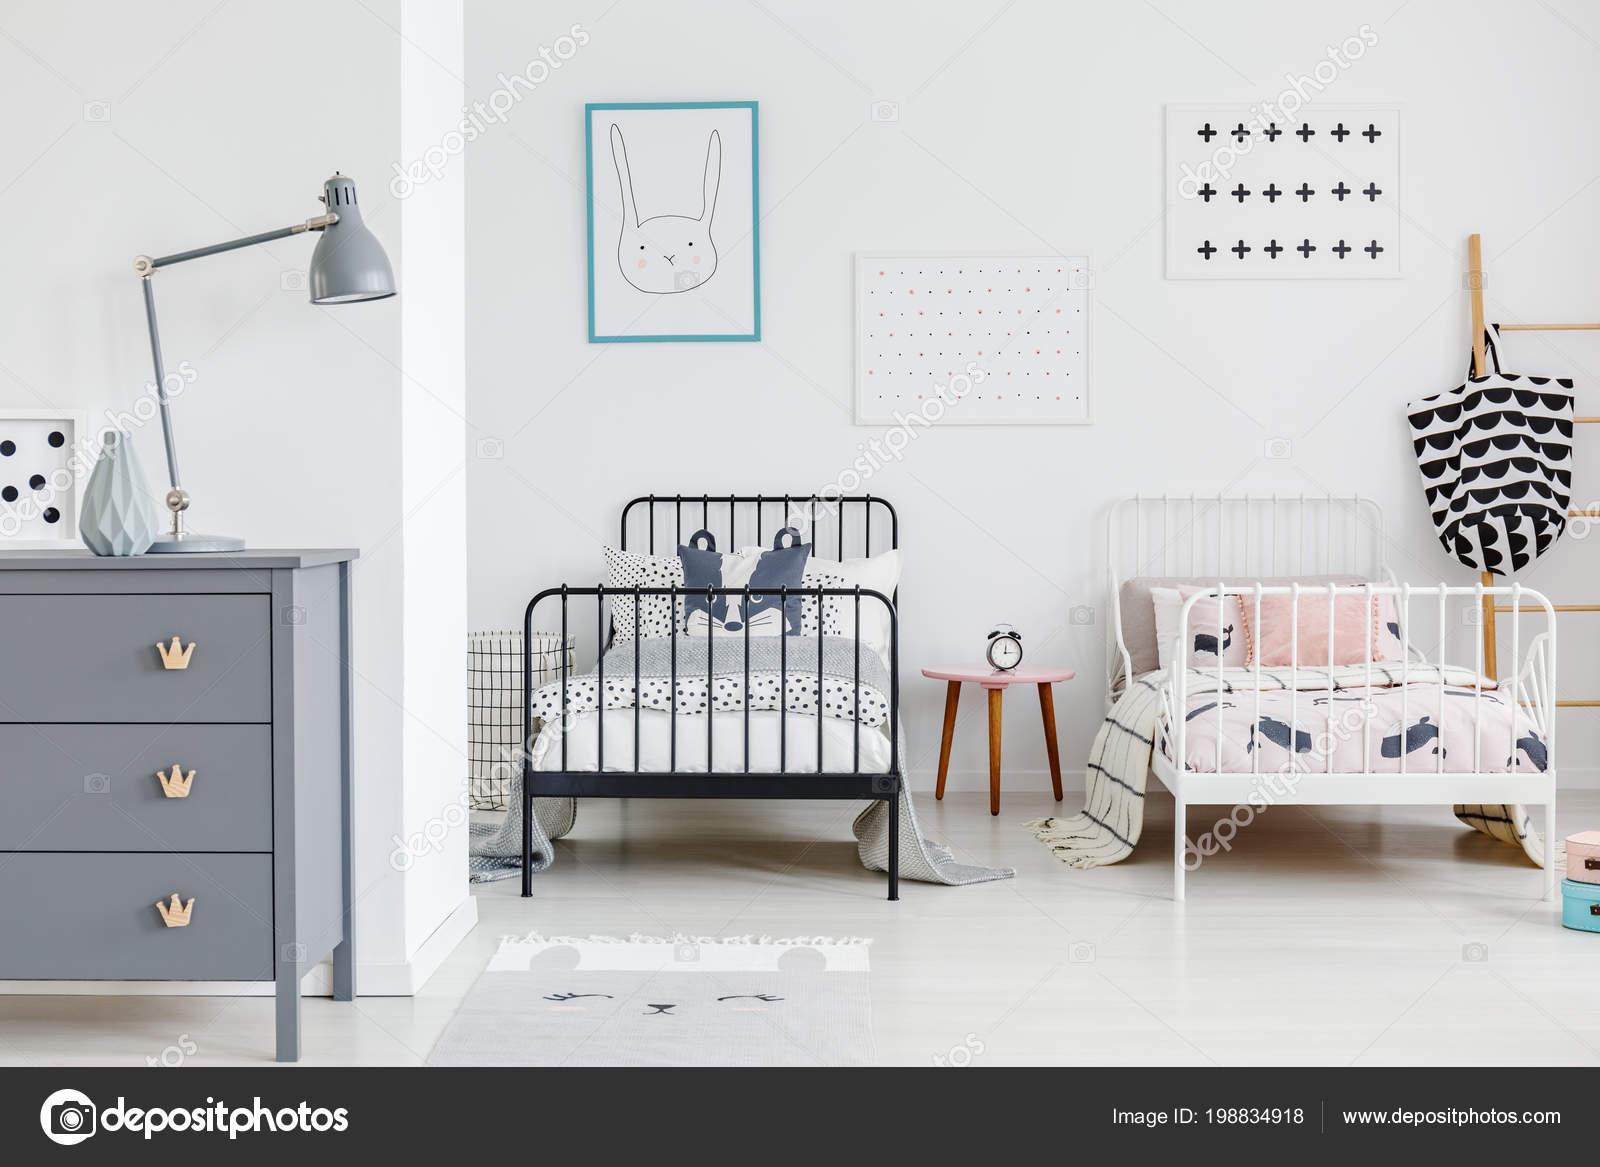 https://st4.depositphotos.com/2249091/19883/i/1600/depositphotos_198834918-stockafbeelding-lamp-grijs-kabinet-heldere-kinderen.jpg